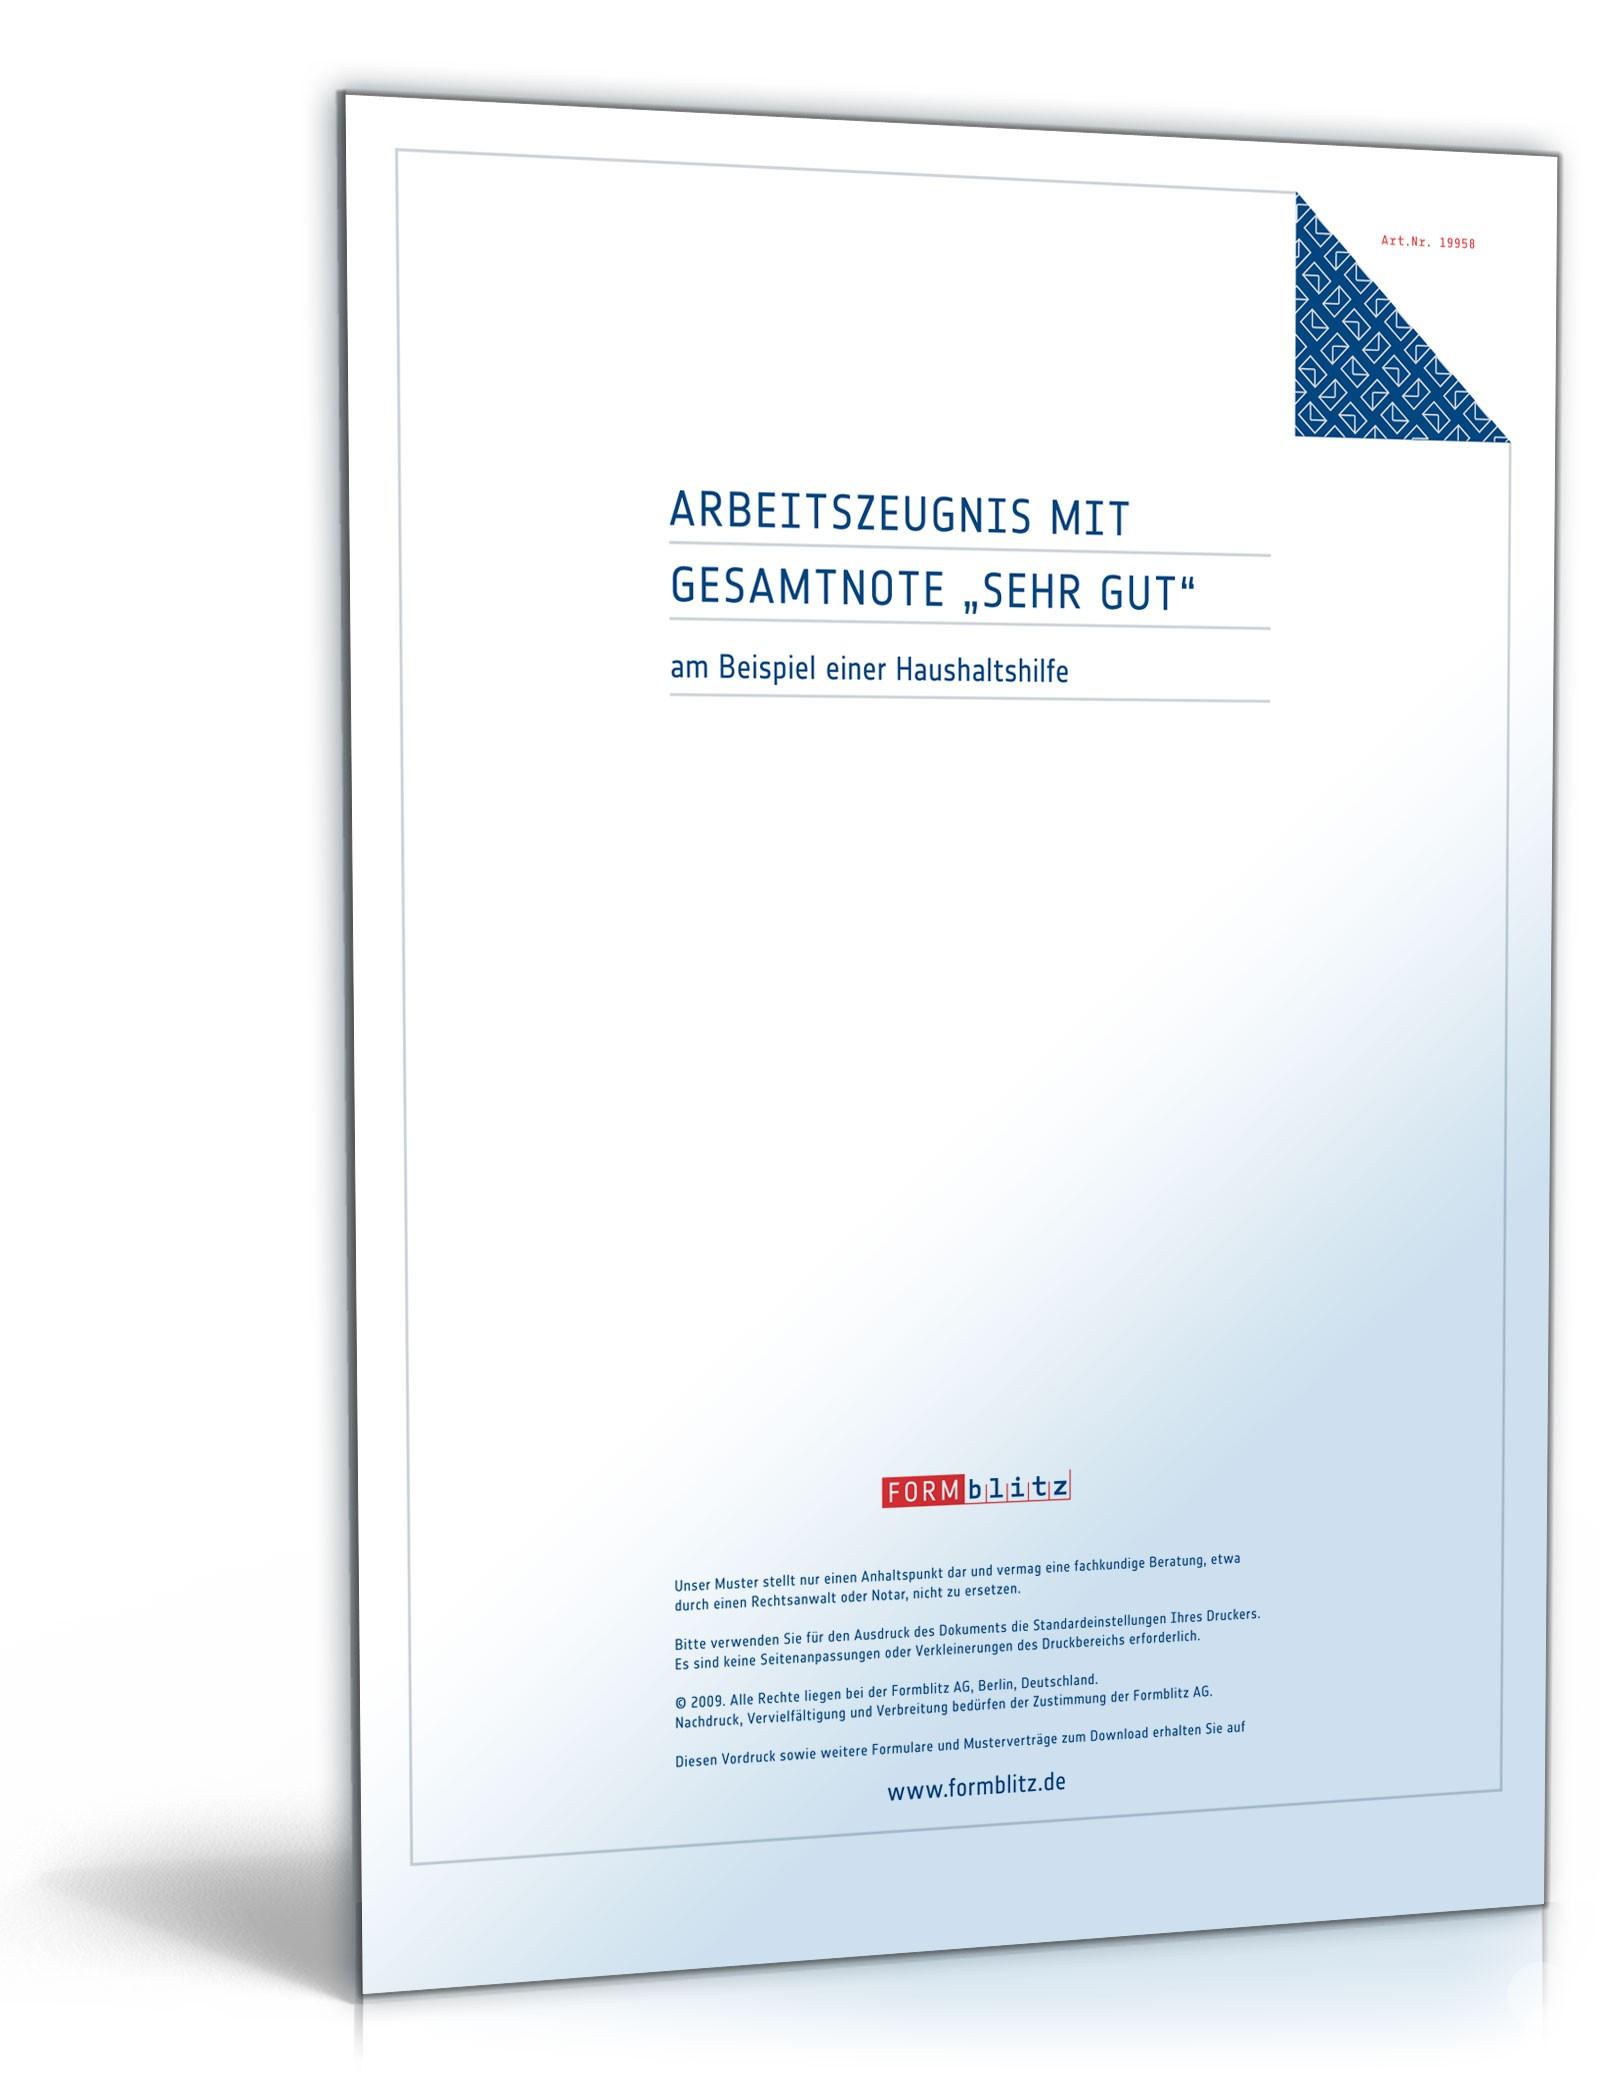 Arbeitszeugnis Haushaltshilfe: Rechtssichere Muster